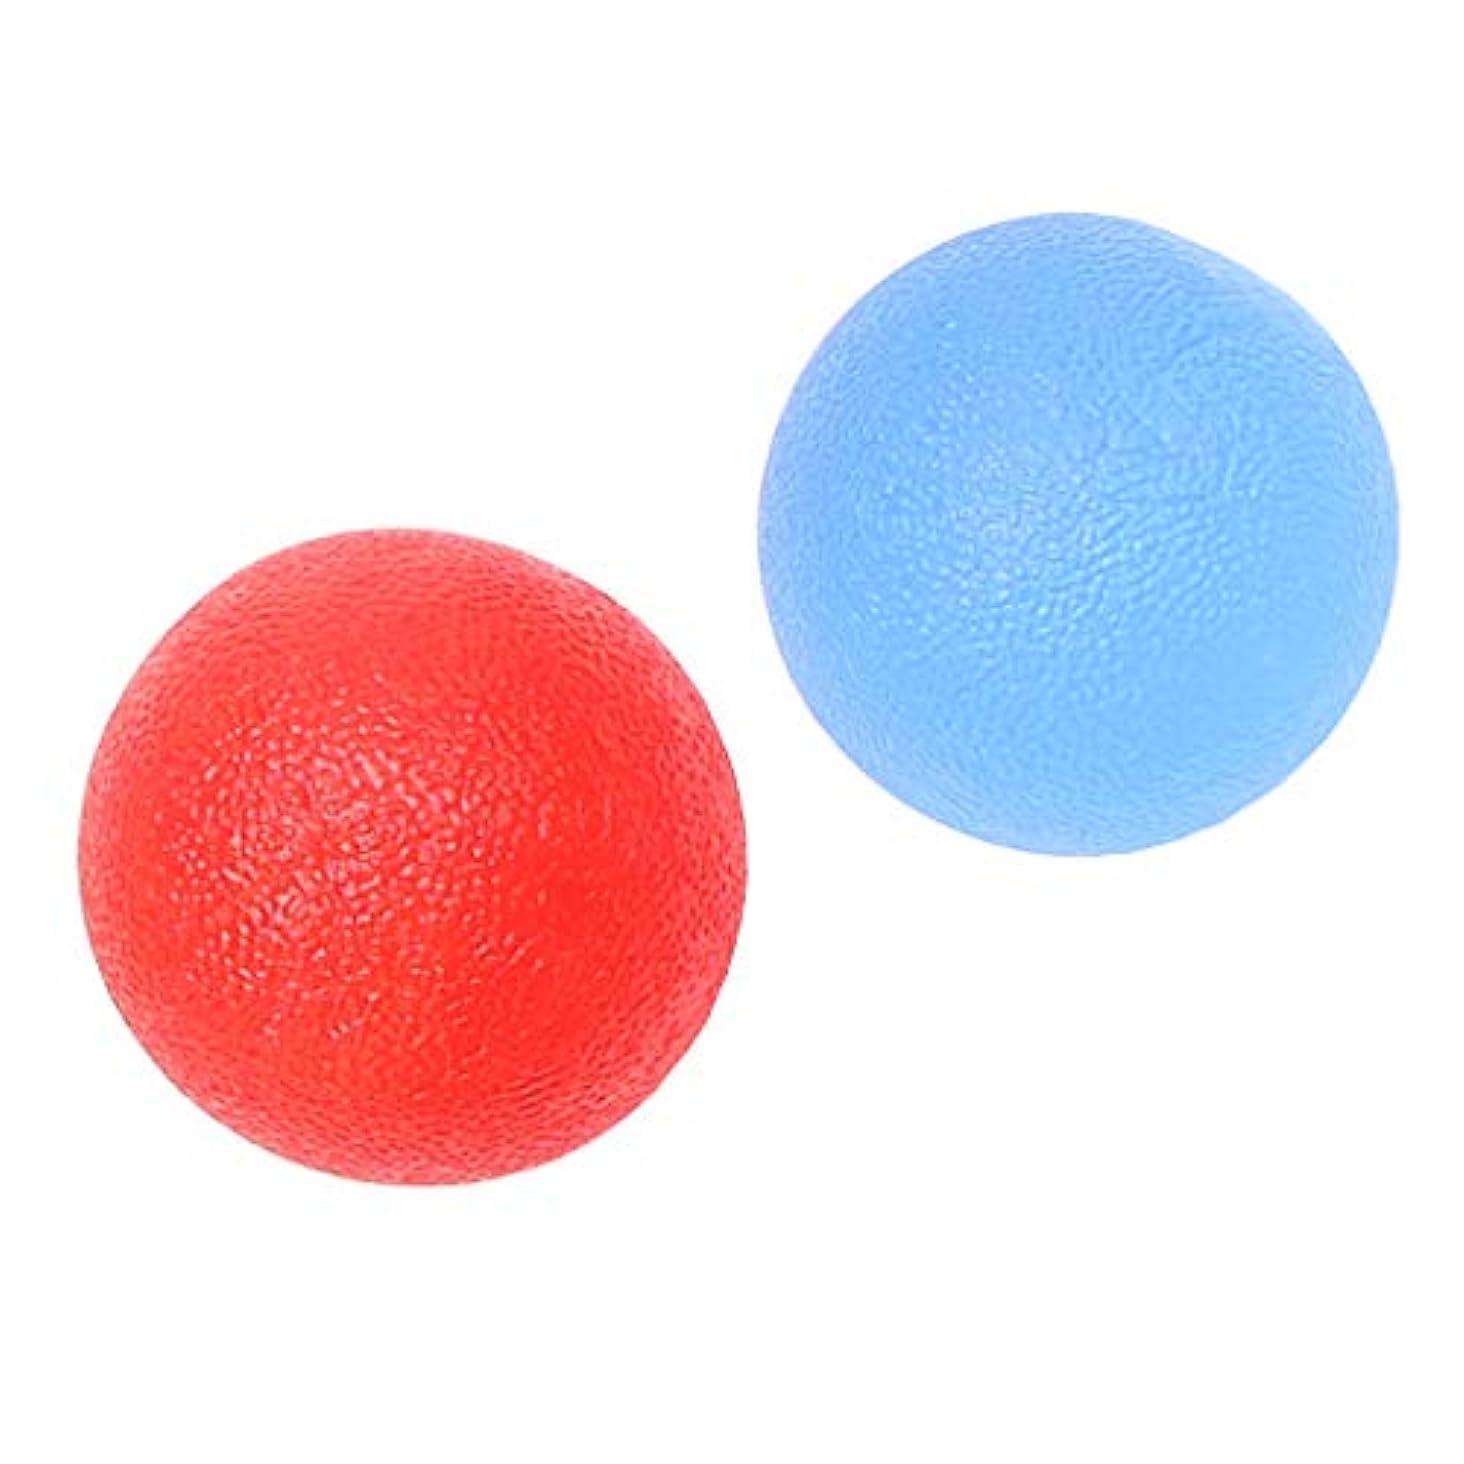 コーチブロンズトンネルPerfeclan ハンドエクササイズボール ハンドグリップ シリコン 指トレーニング ストレス緩和 贈り物 2個入